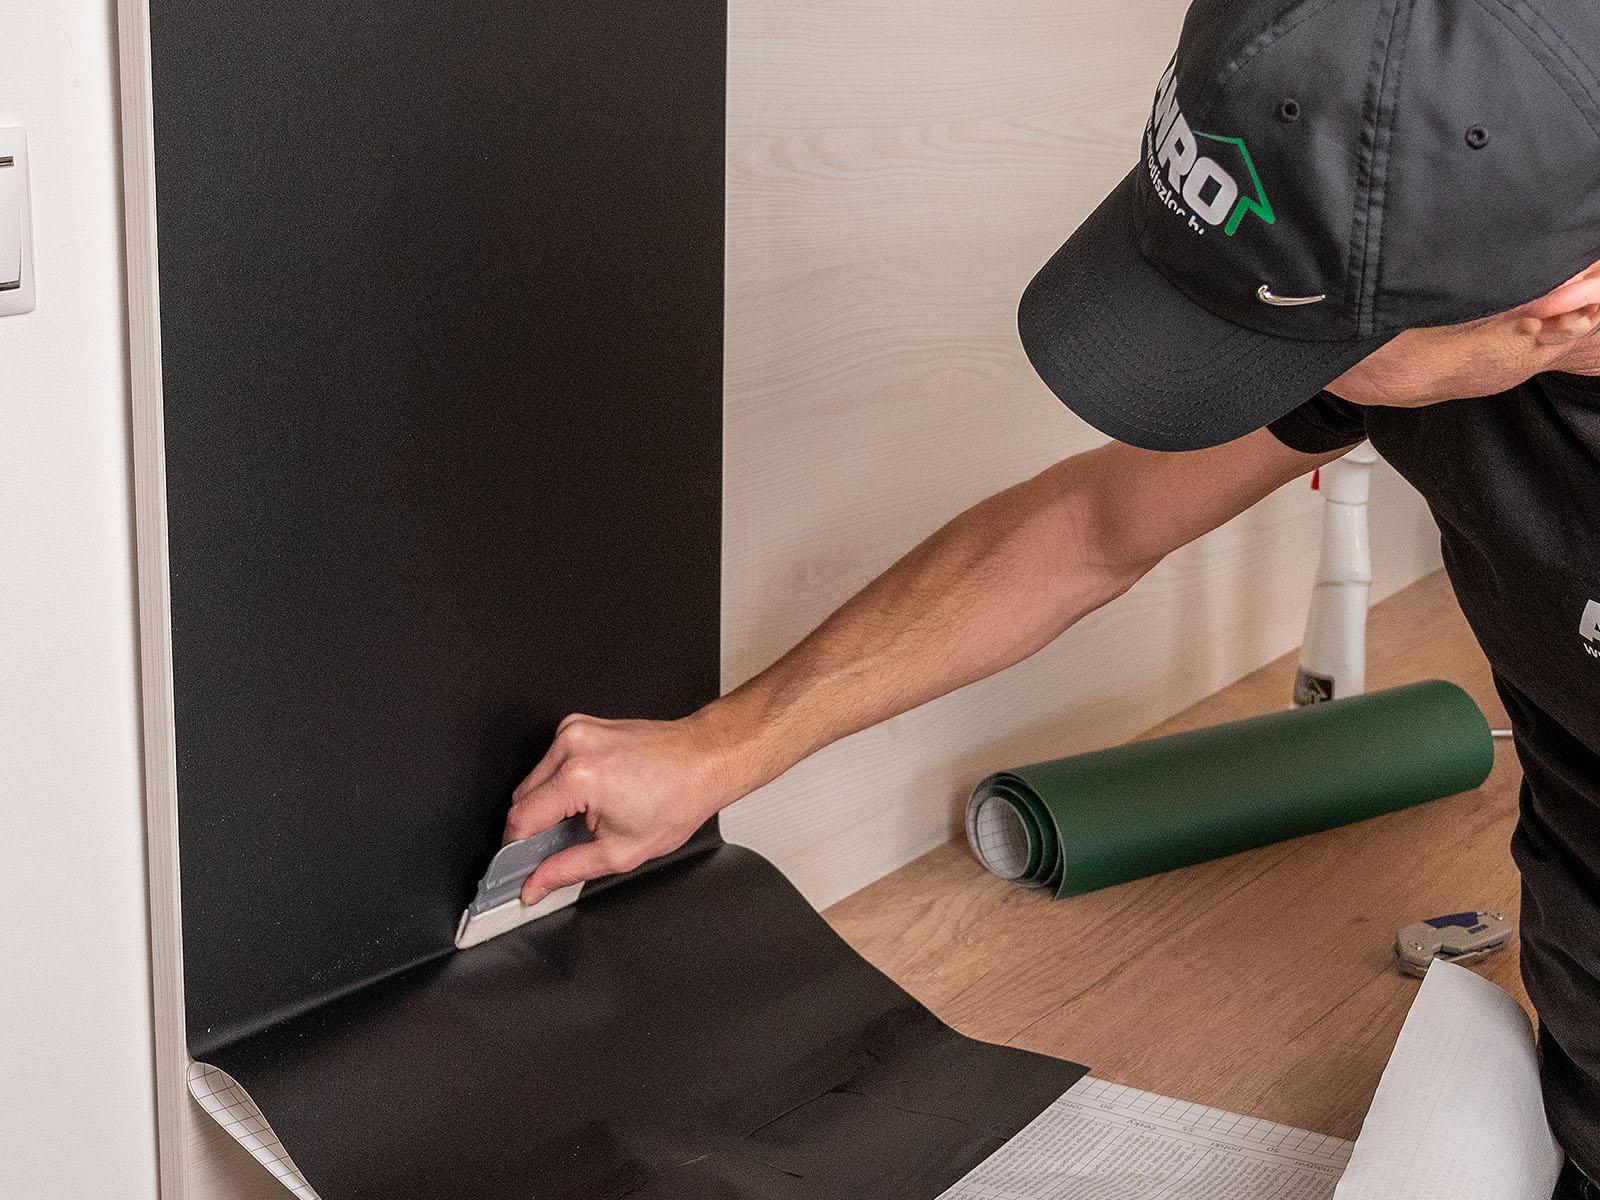 A műanyag lapát egyik része filccel van bevonva, ez megóvja a fóliát, miközben kiszorítjuk alóla a levegőt.